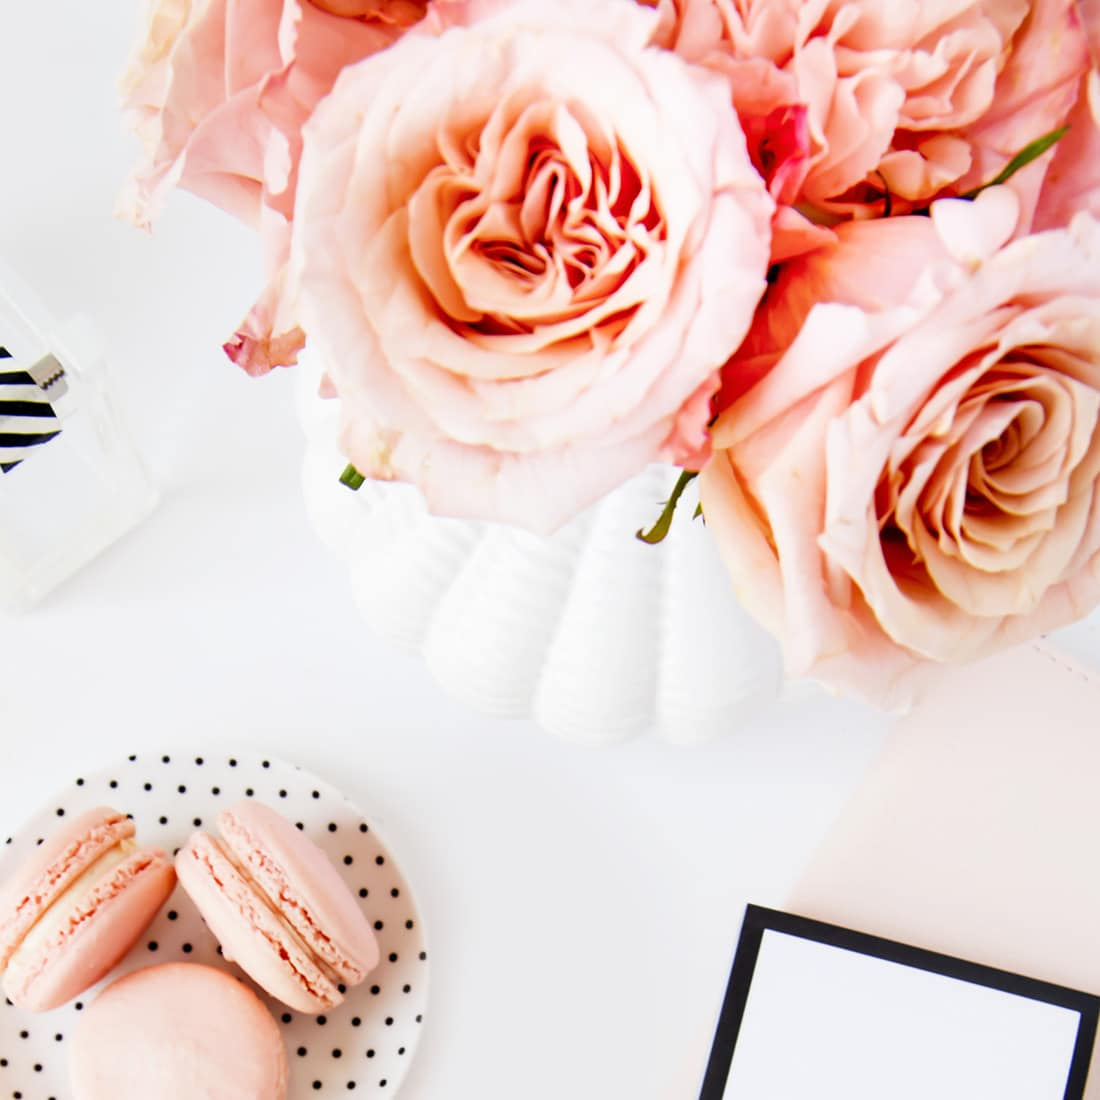 International Business Etiquette Tips for Female Leaders